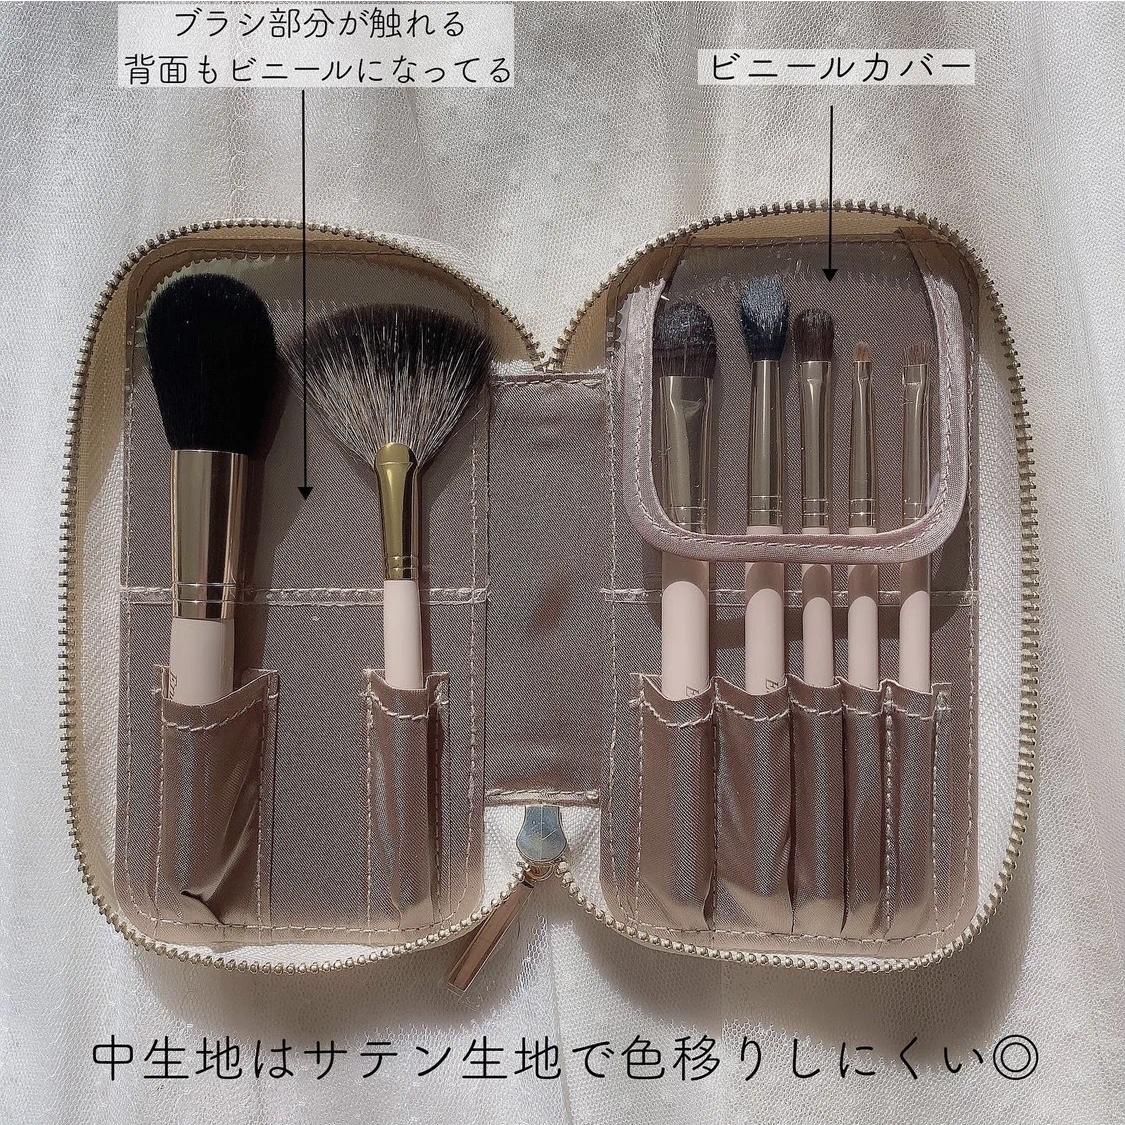 Enamor(エナモル)メイクブラシ7本&ブラシケースセットを使った只野ひとみさんのクチコミ画像5